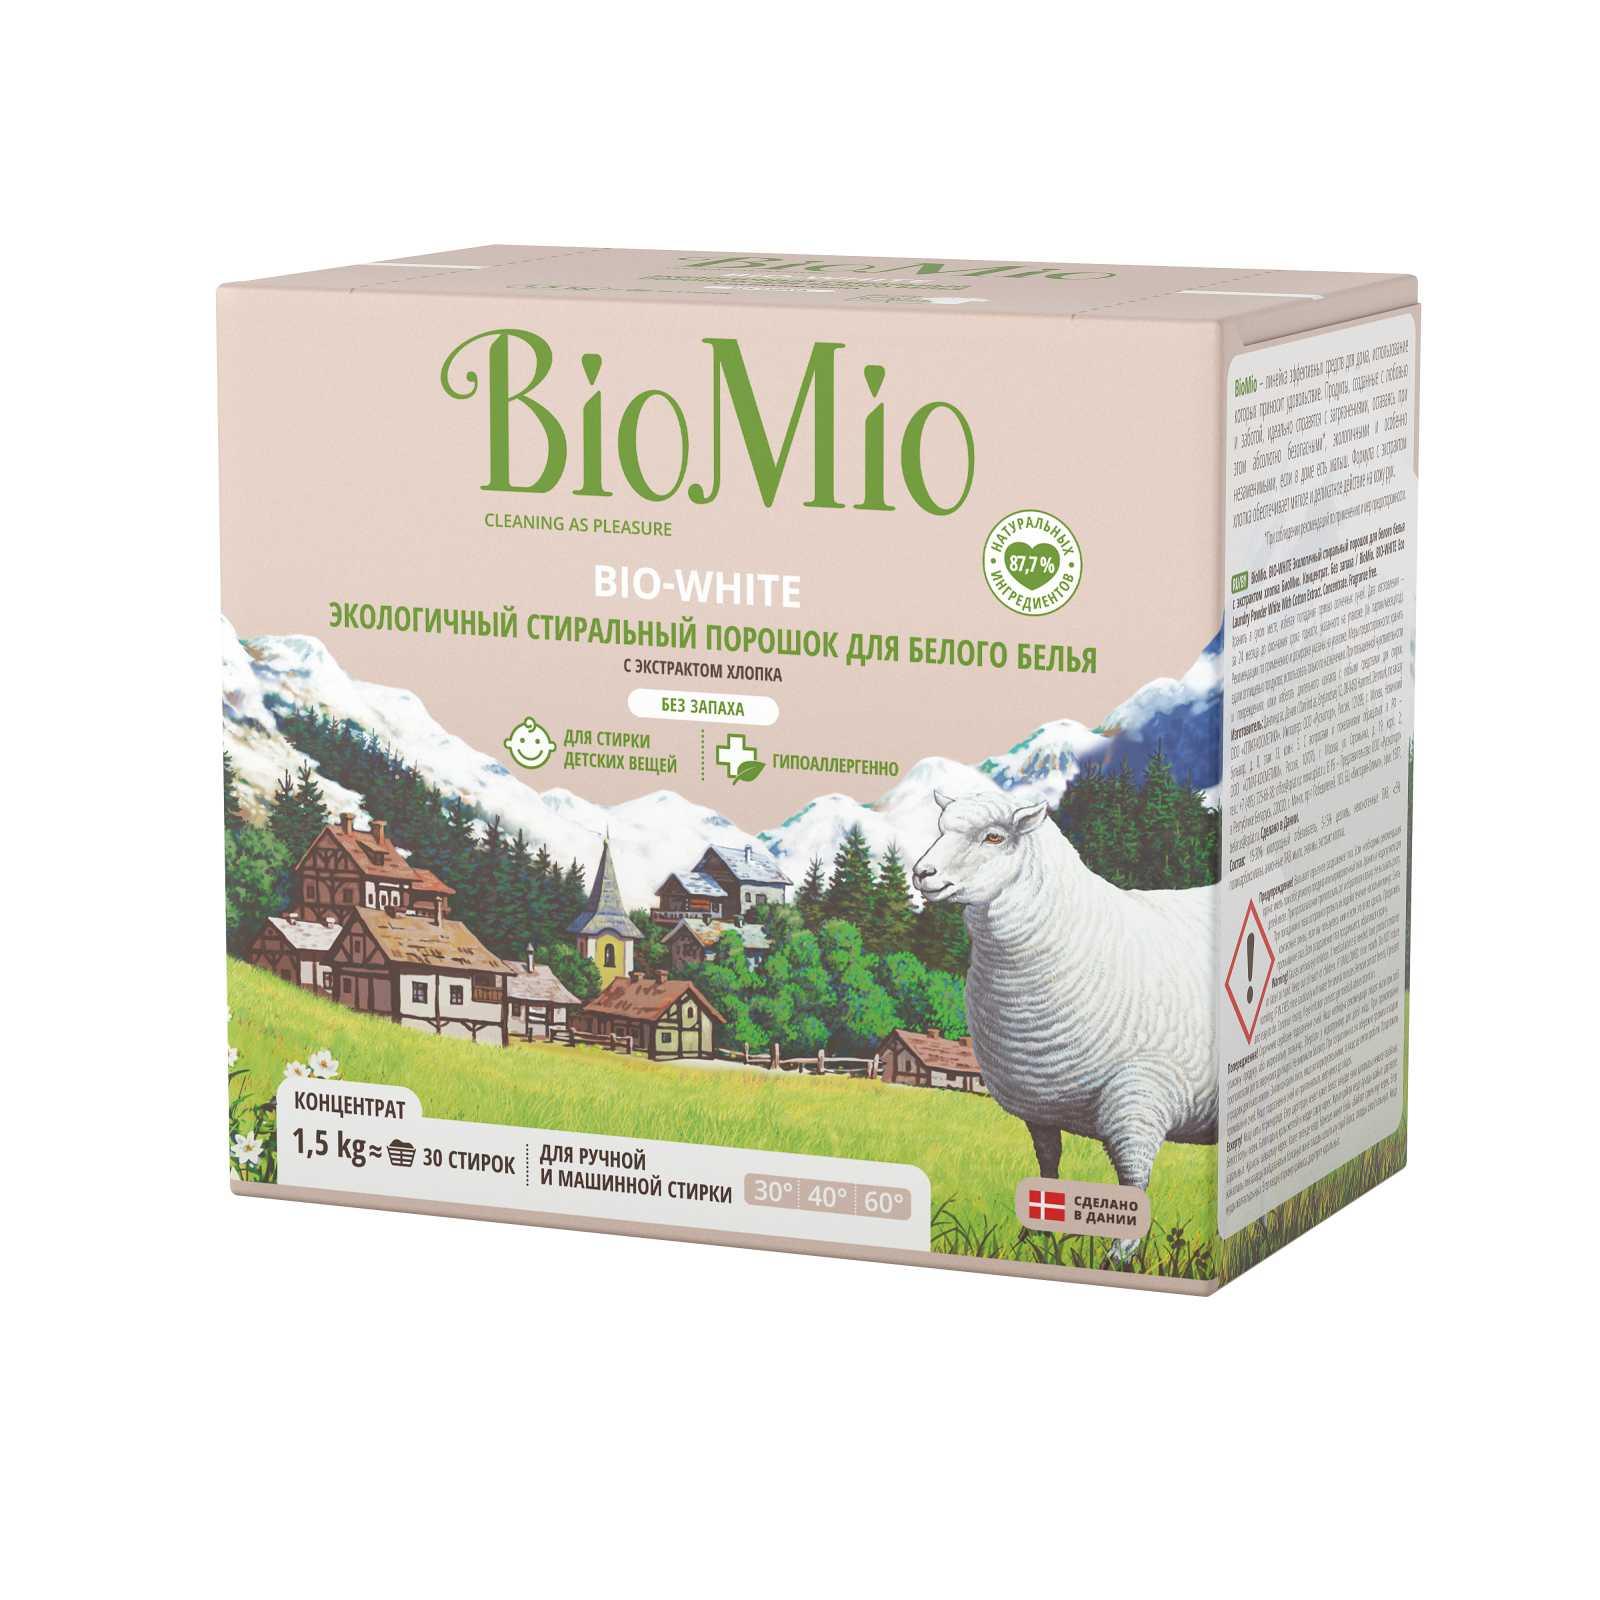 Онлайн каталог PROMENU: Экологичный гипоаллергенный стиральный порошок для белого белья  BioMio Bio-White, концентрат 30 стирок / 1.5 кг (1509-02-07)  004666/1509-02-07